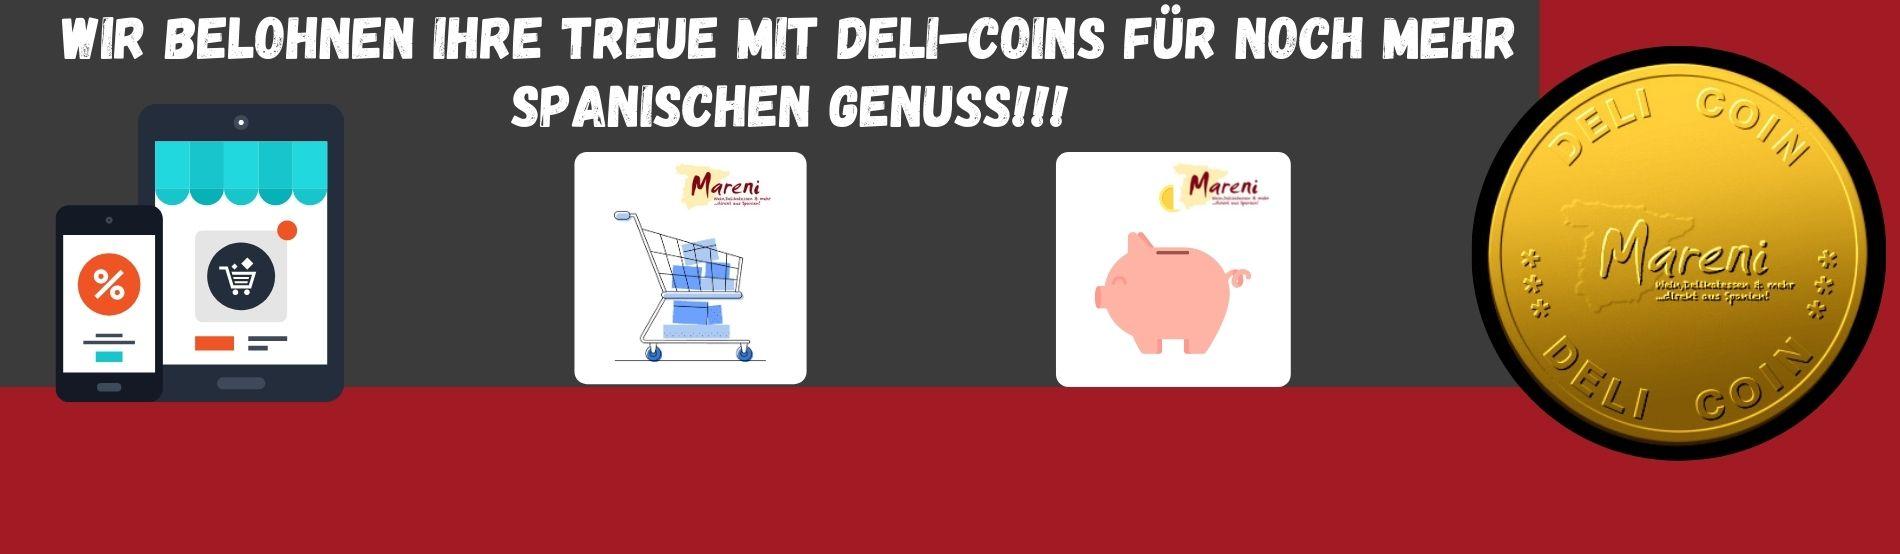 deli-coins für noch mehr spanischen Genuss